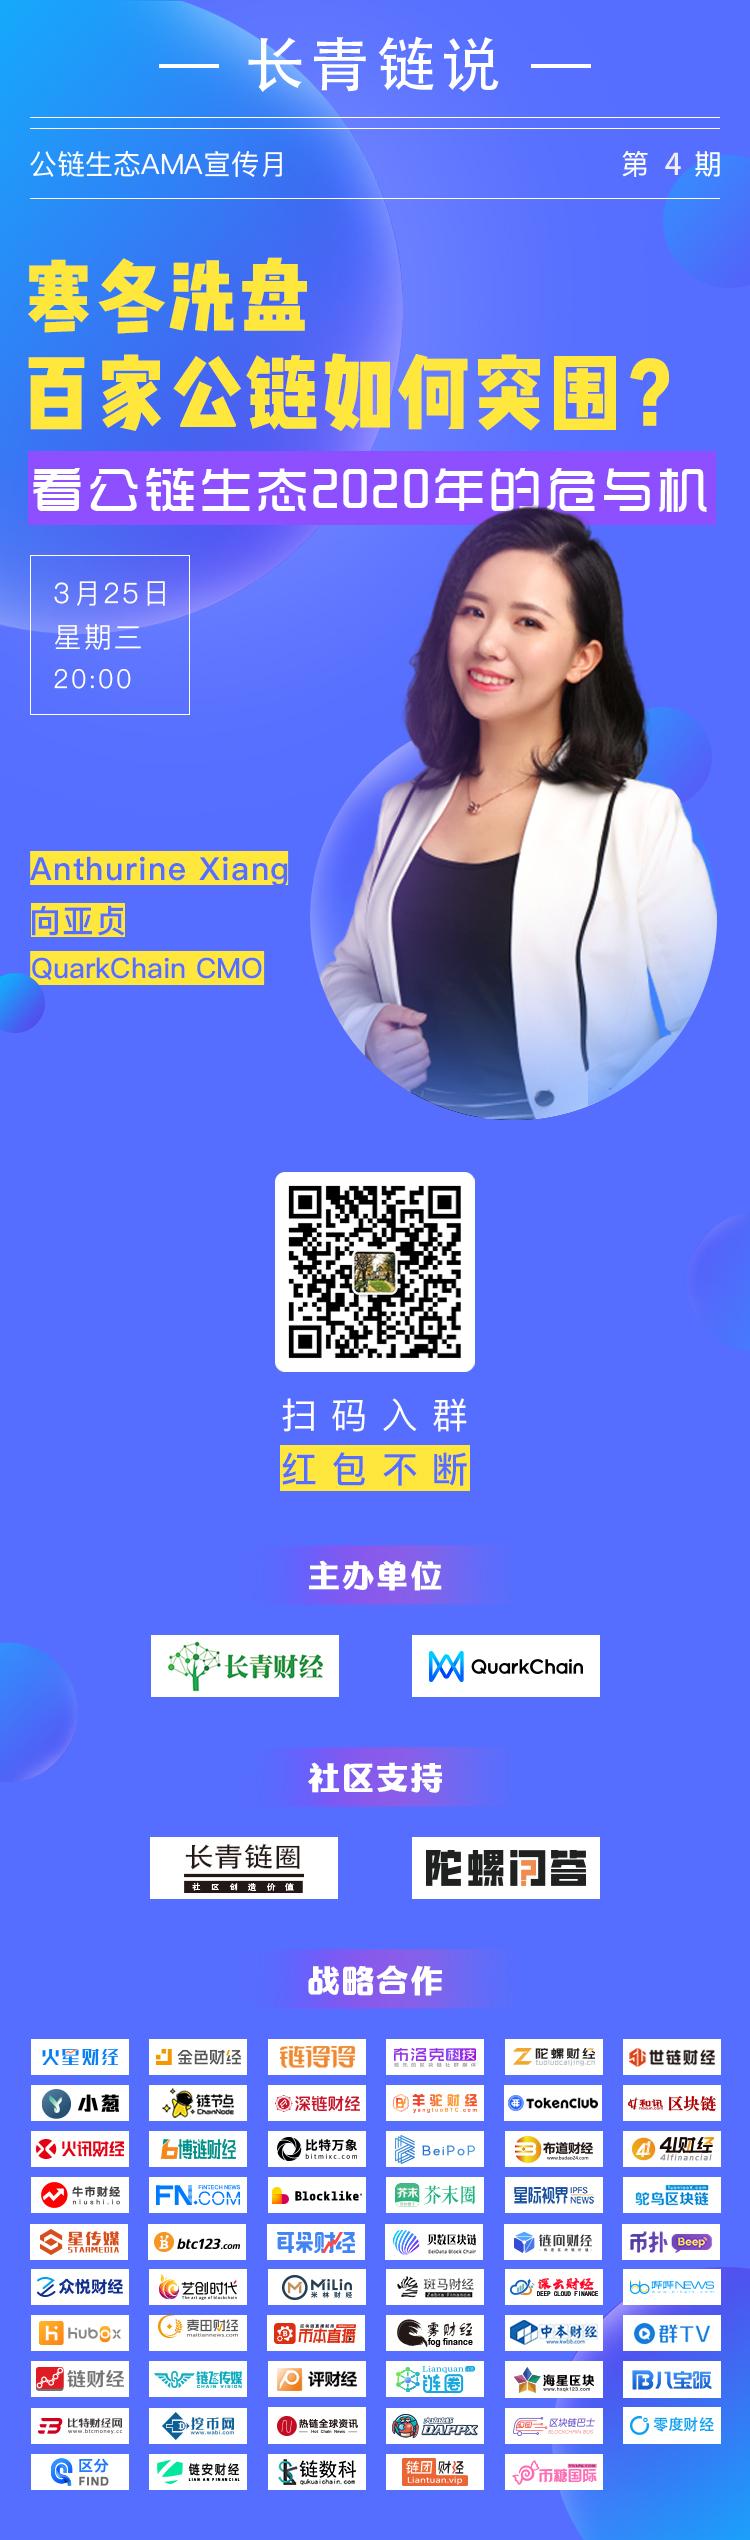 长青链说公链生态宣传月第4期寒冬洗盘,百家公链如何突围?